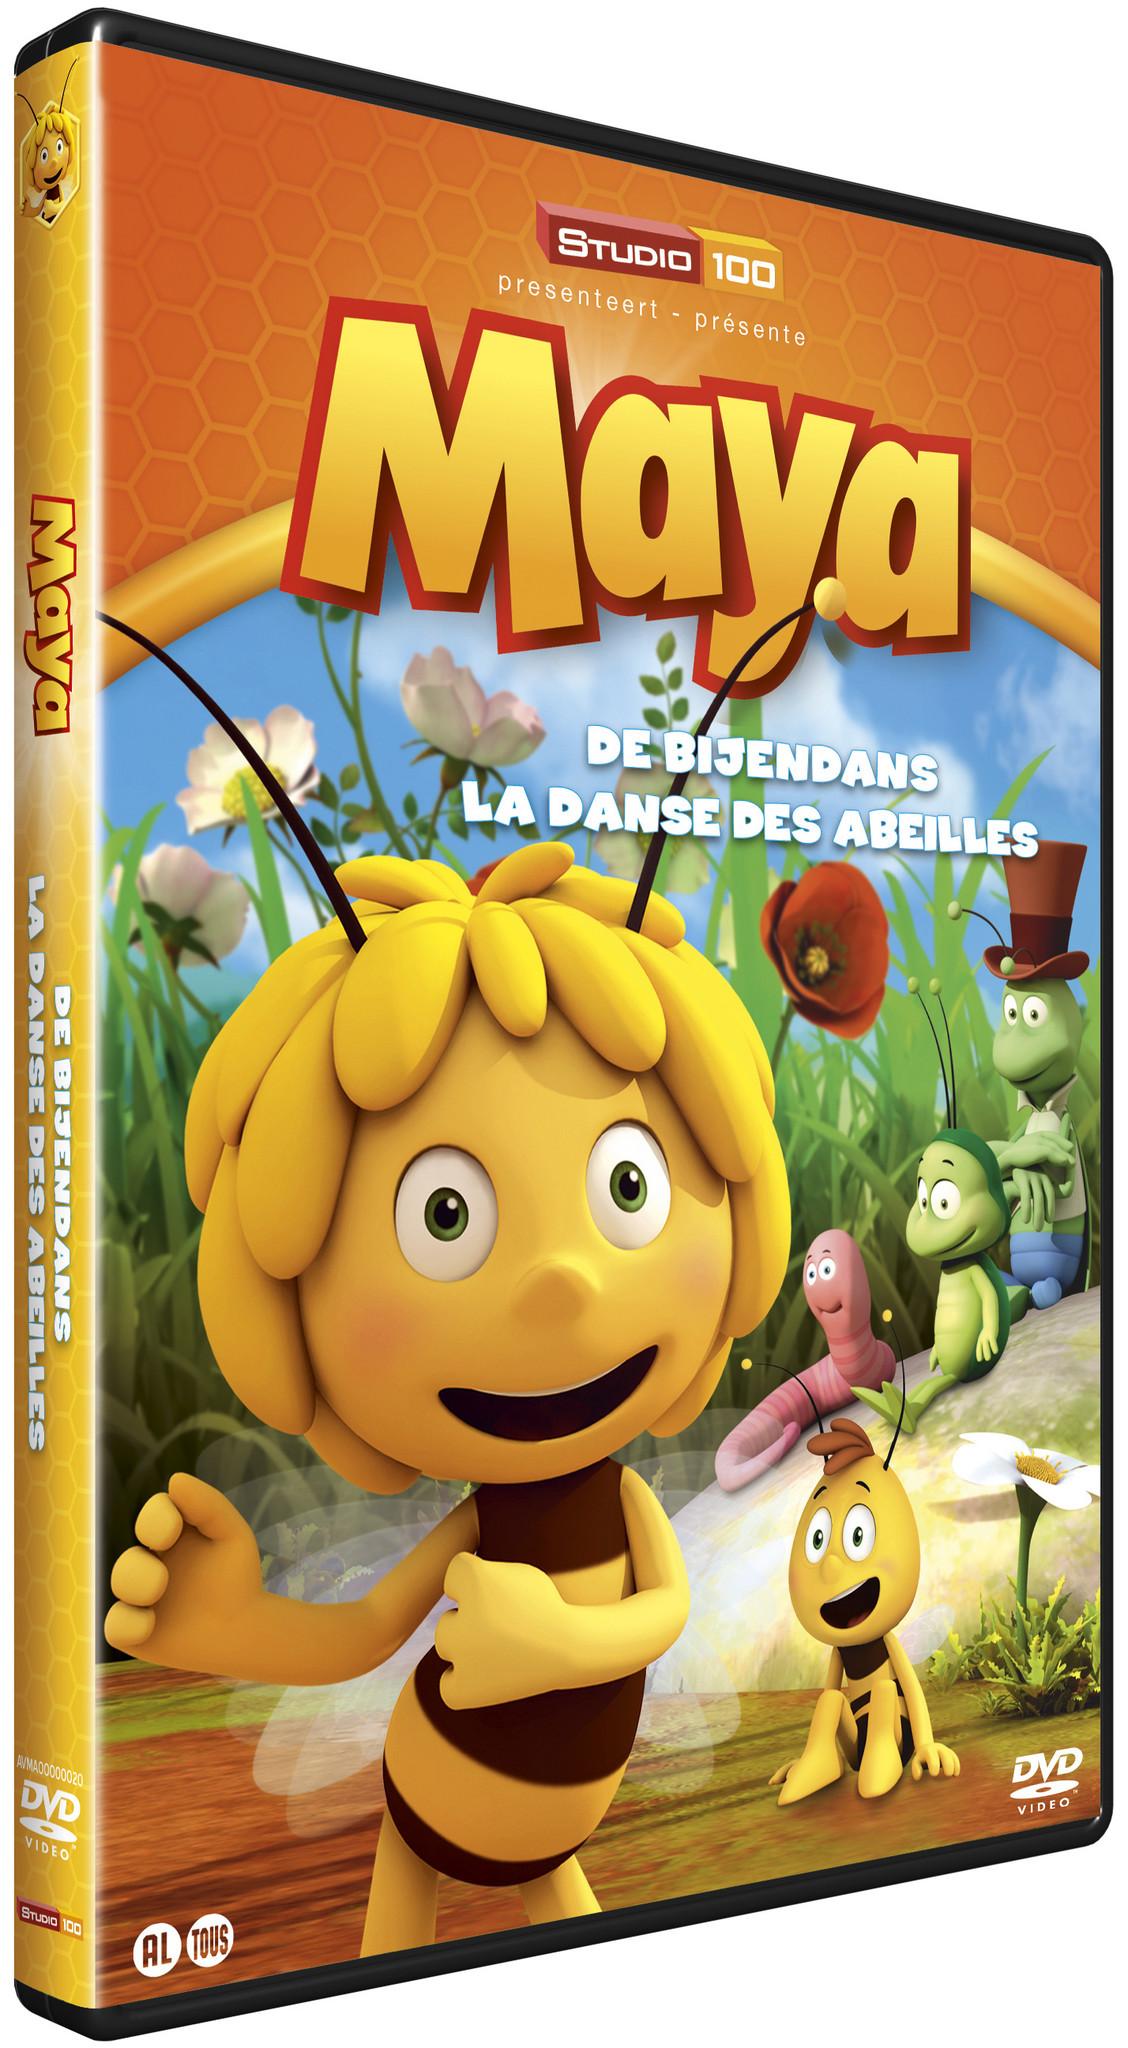 Maya DVD - La danse des Abeilles